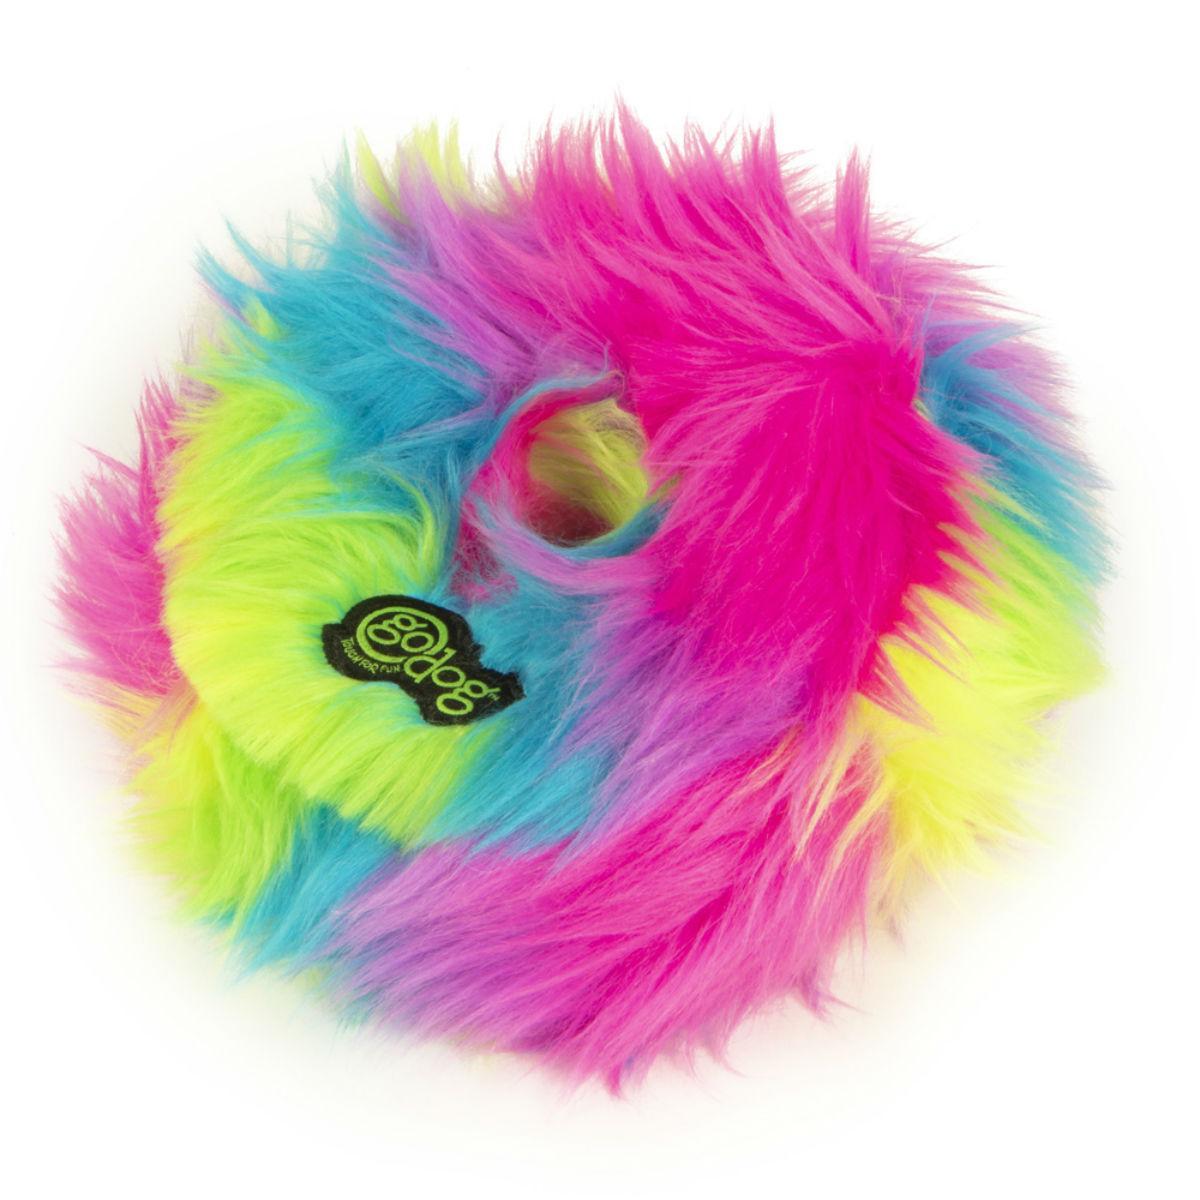 GoDog FurBallz Rings Dog Toy - Rainbow